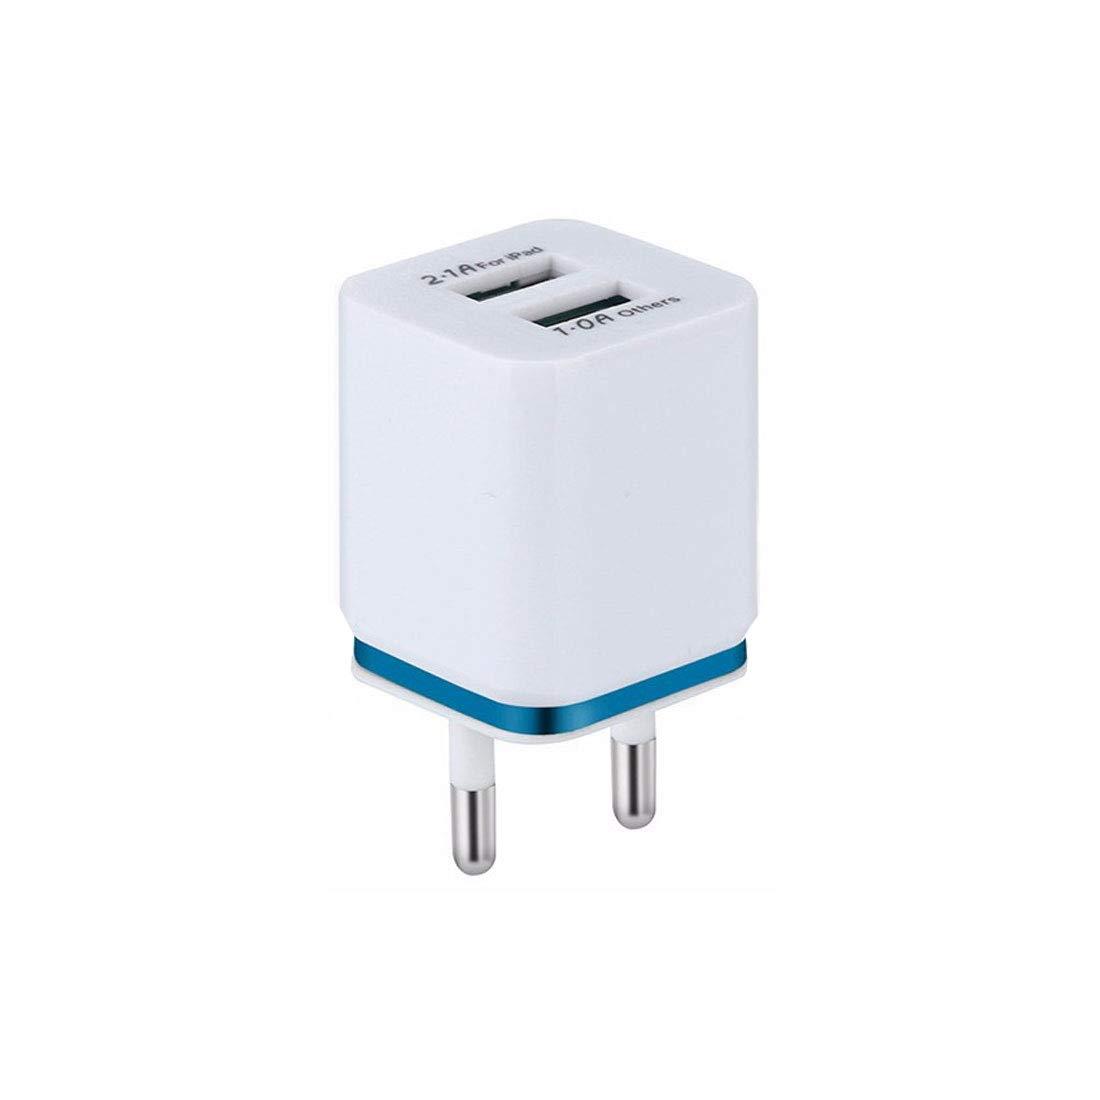 NoyoKere Cargador de tel/éfono m/óvil 2.1A Dual USB Phnom Penh Plating Enchufe de la UE Adaptador de Corriente de Pared Cabezal de Carga de Doble Puerto del Lado de Color